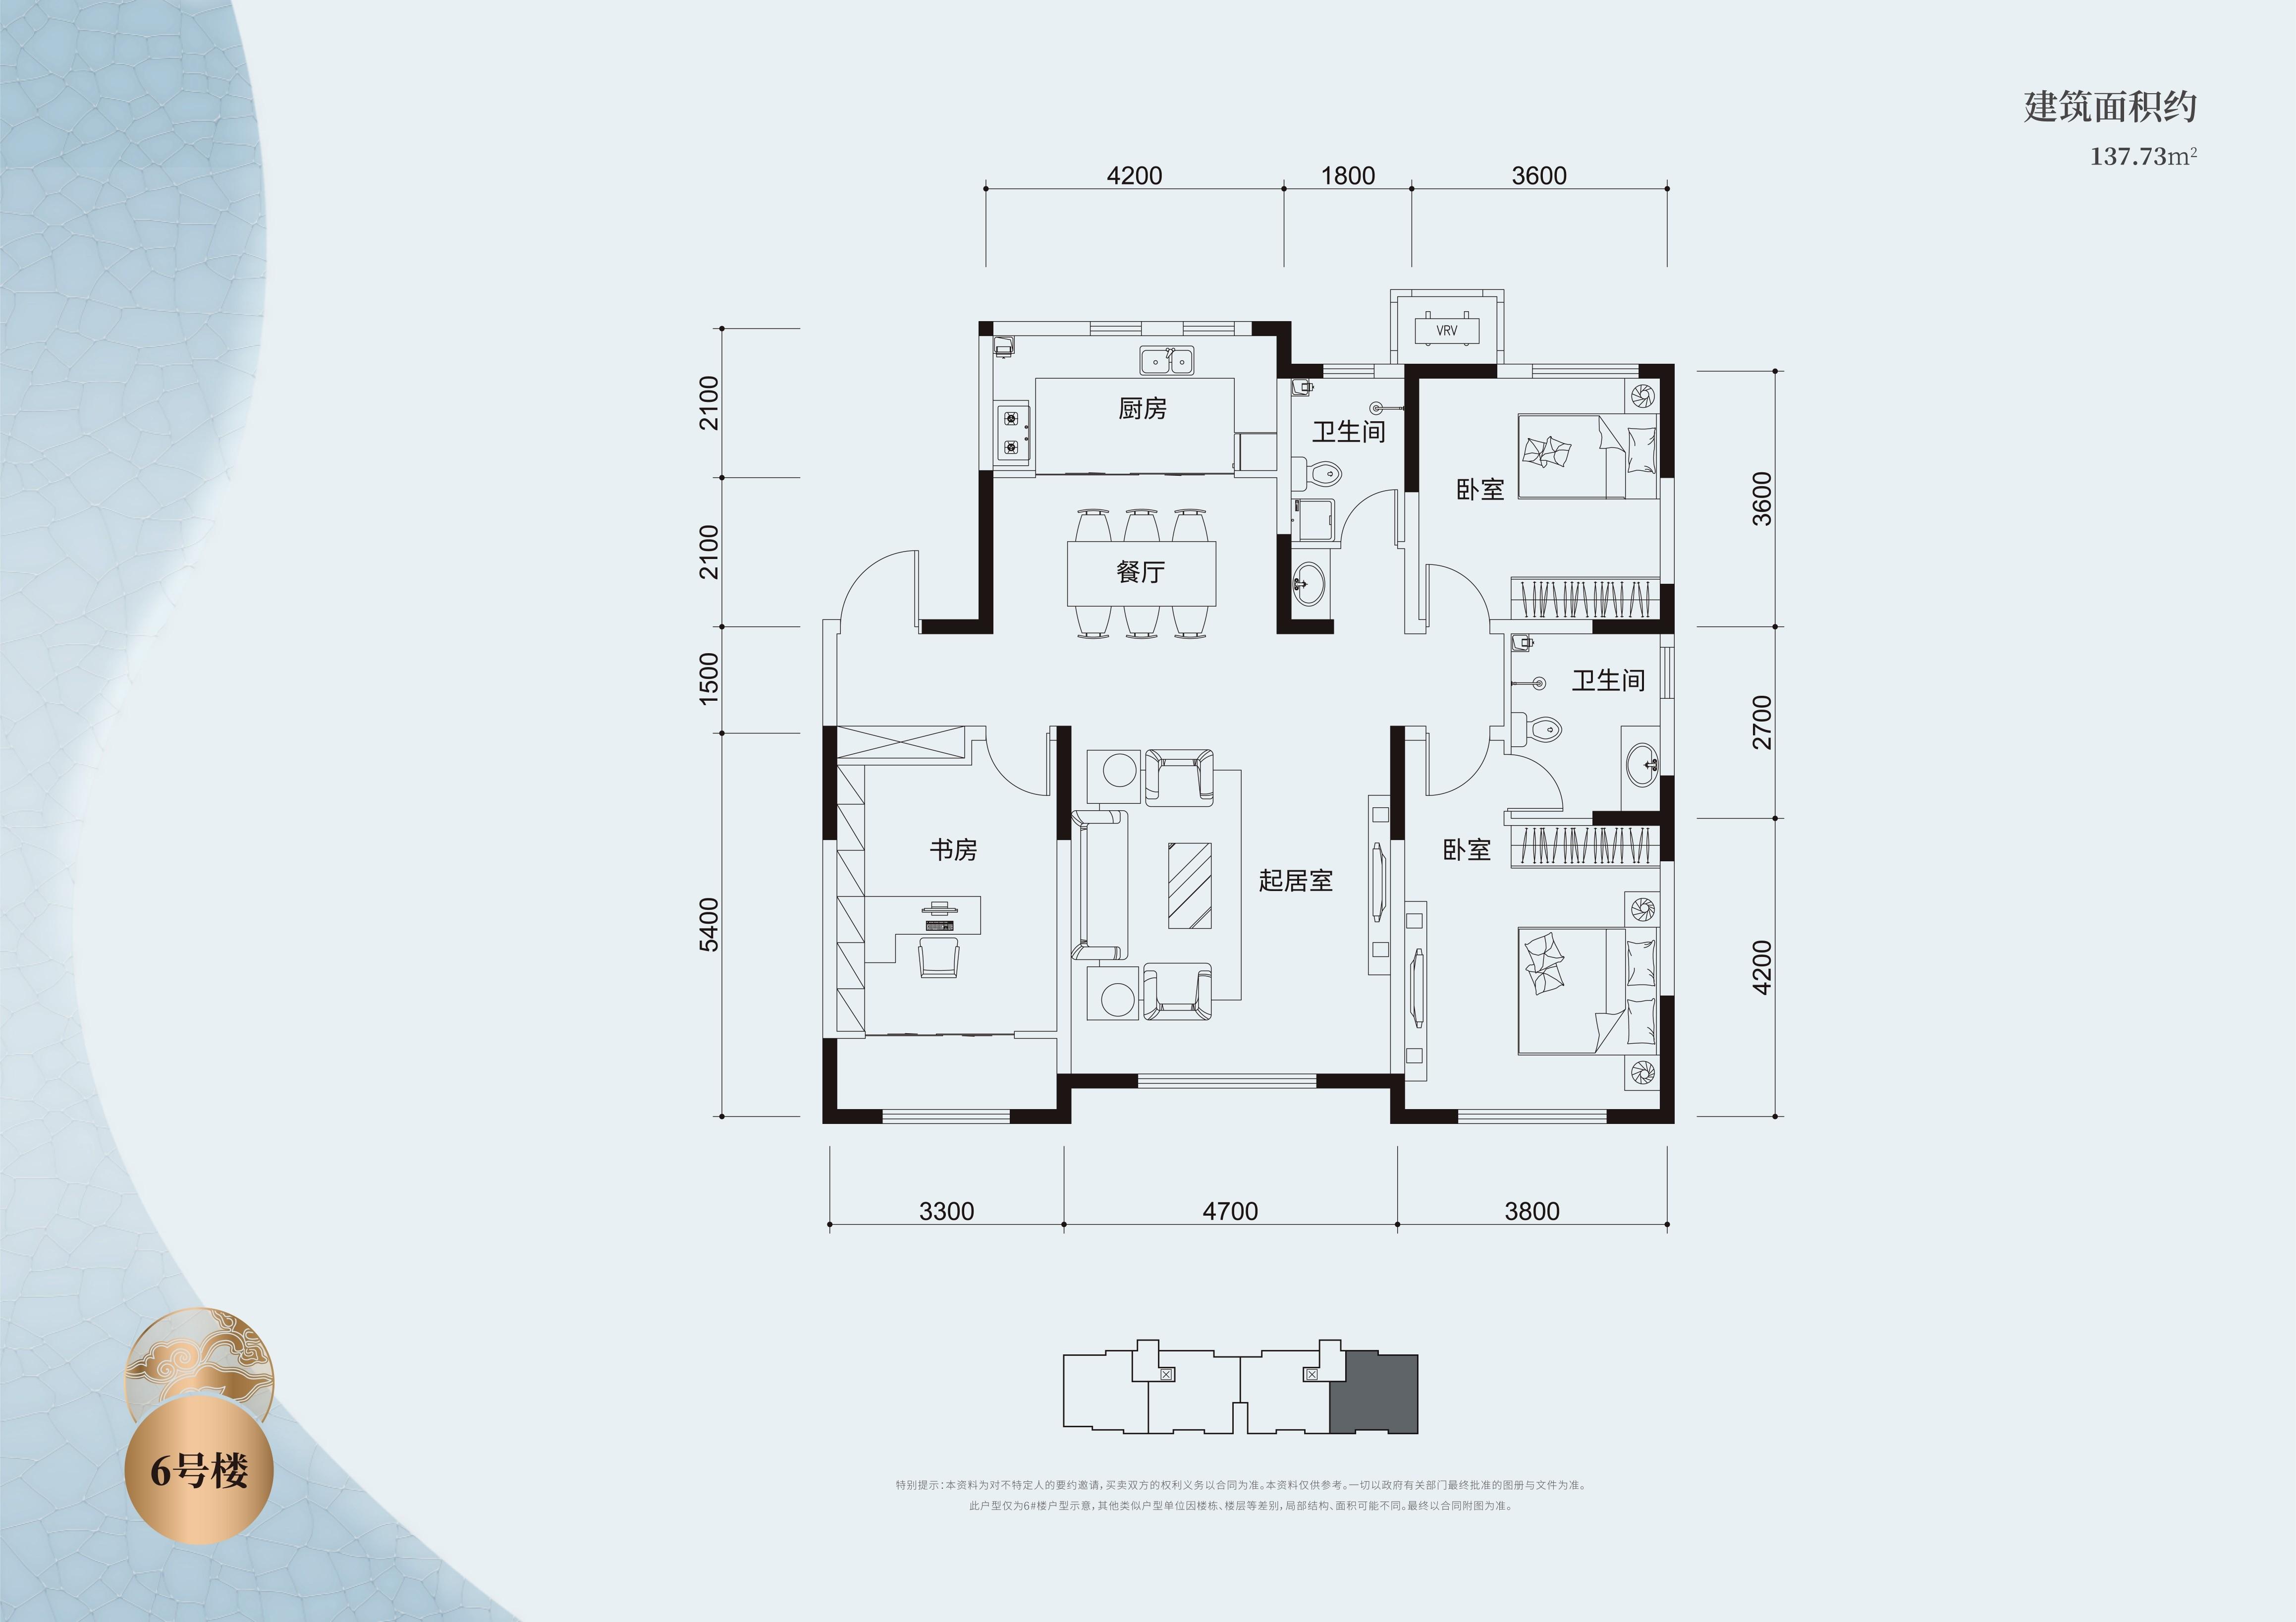 洋房137平米 三室两厅两卫